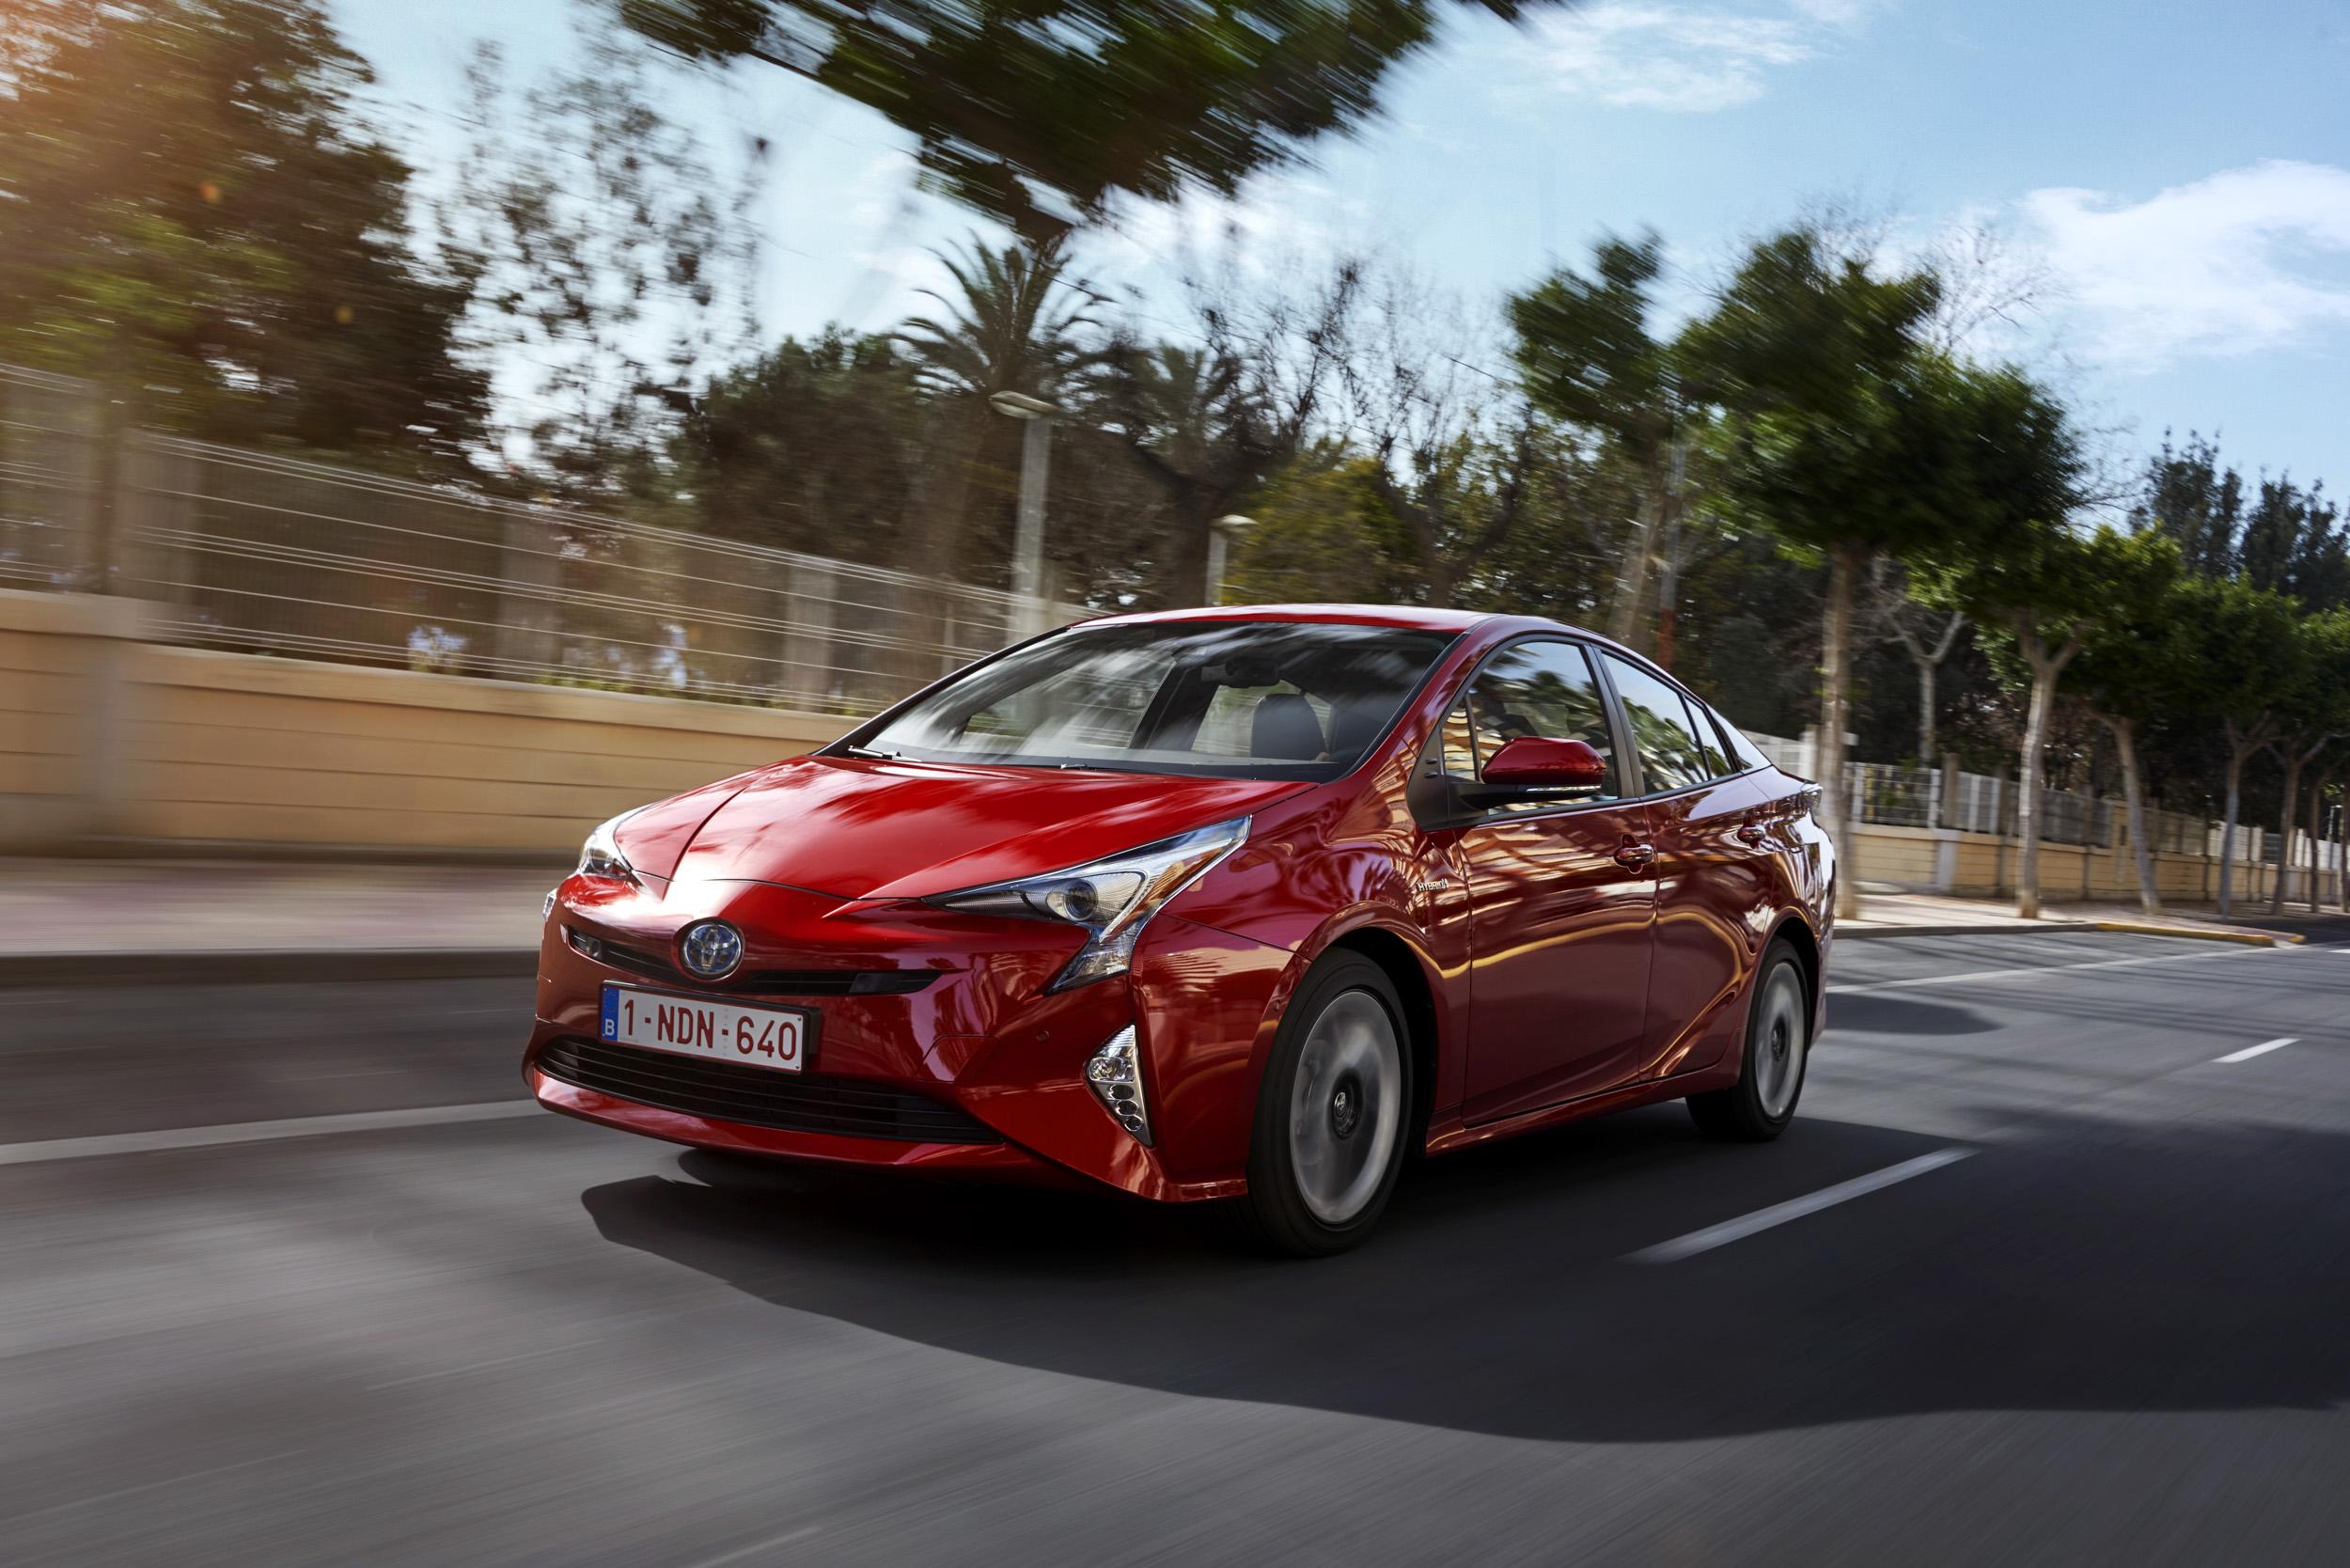 Toyota Prius 4 : une voiture hybride presqu'électrique ?